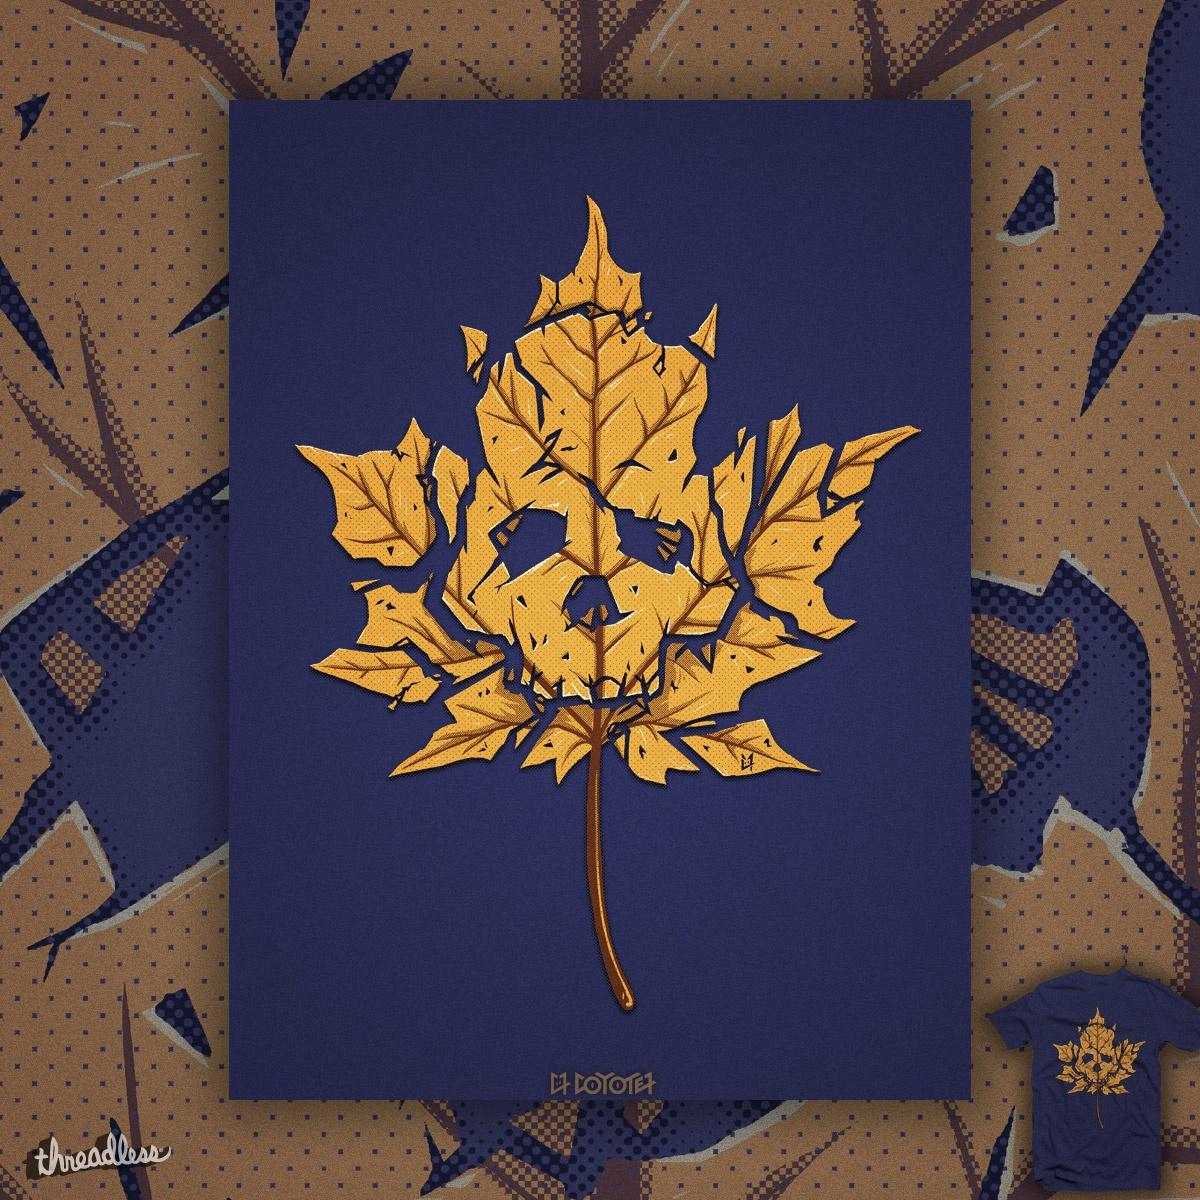 Dead Leaf by c0y0te7 on Threadless